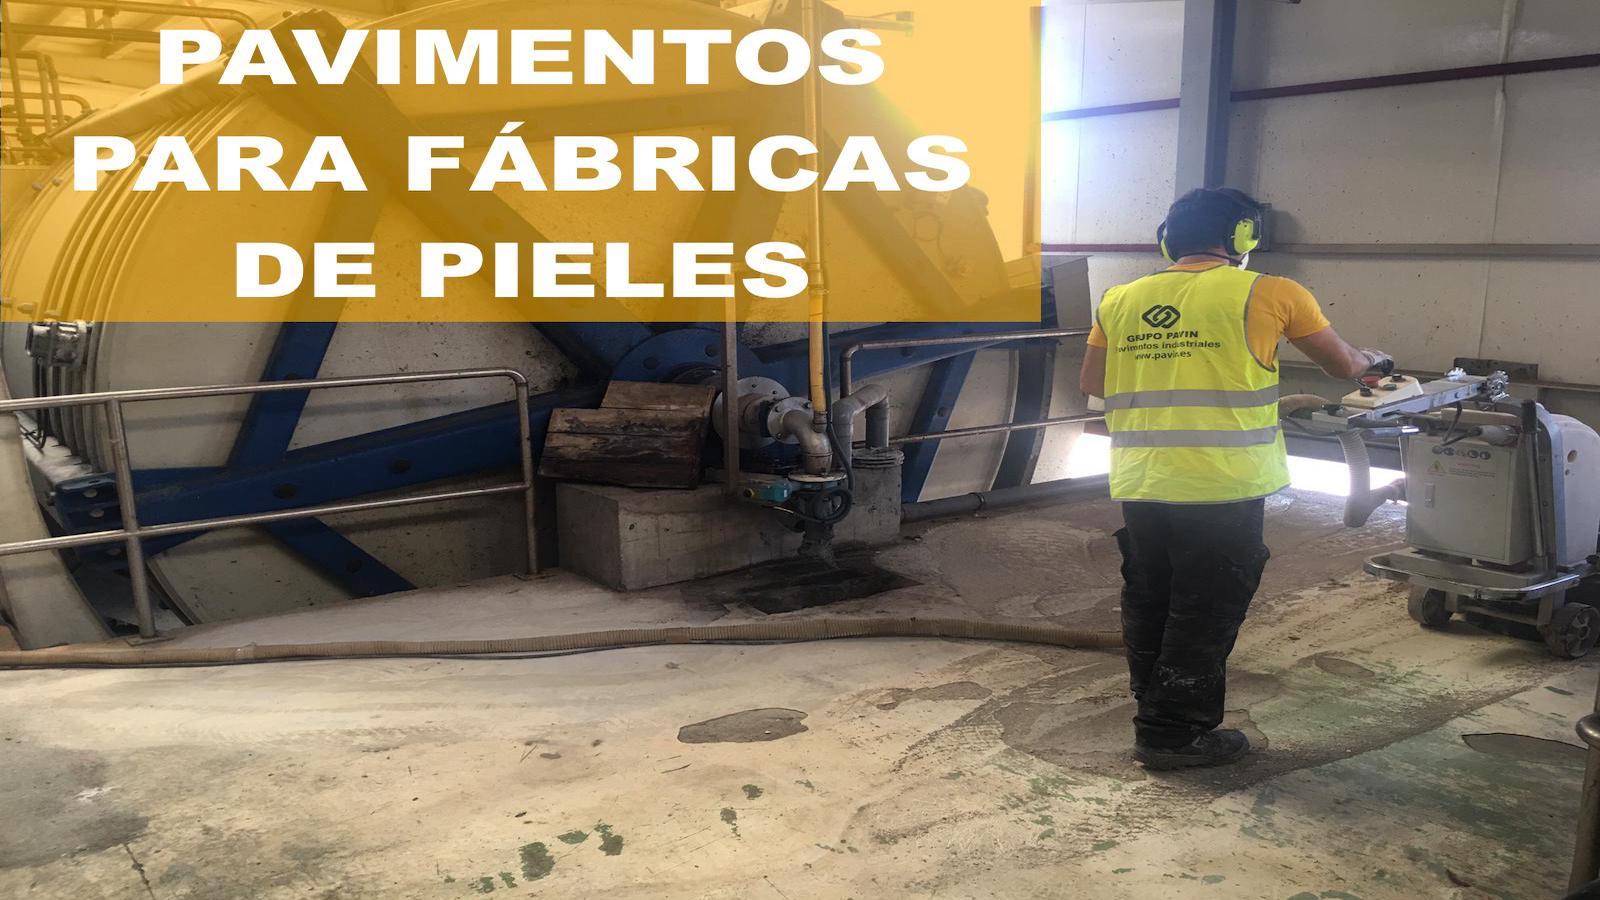 Pavimentos industriales de resinas para curtidores de piel